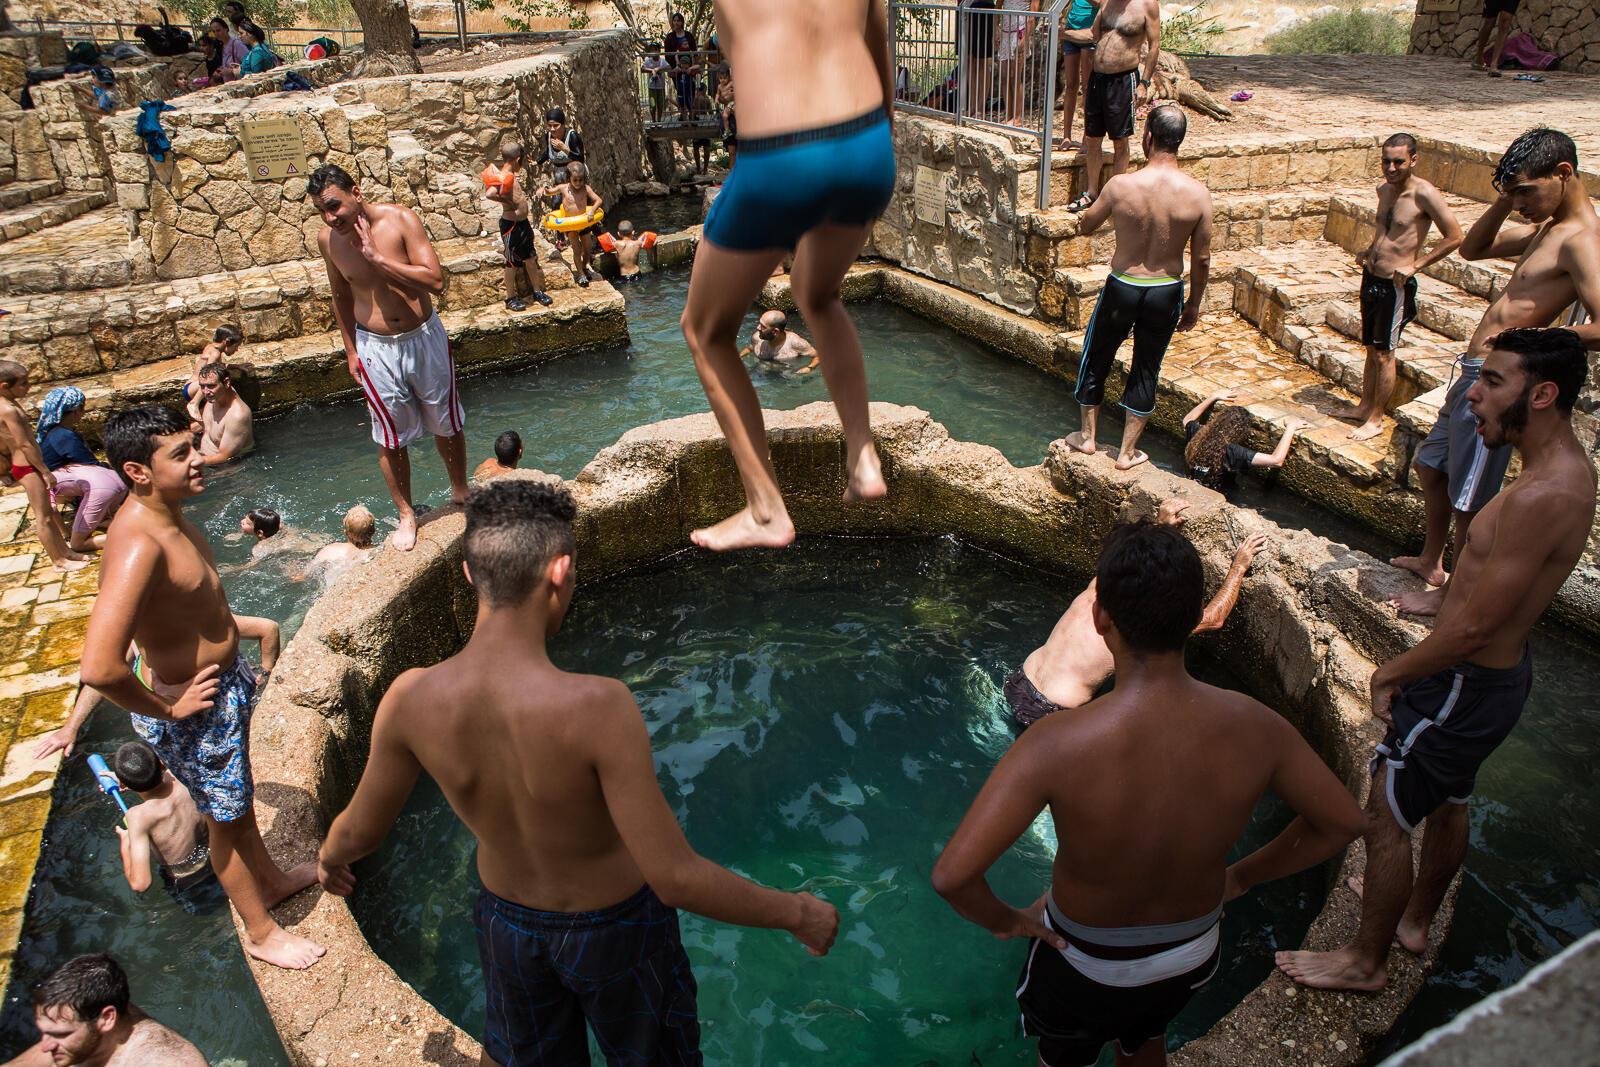 Août 2015. Des colons israéliens et des Palestiniens se baignent ensemble à Wadi Qelt, le long de la rivière Prat, dans la vallée du Jourdain en Cisjordanie.